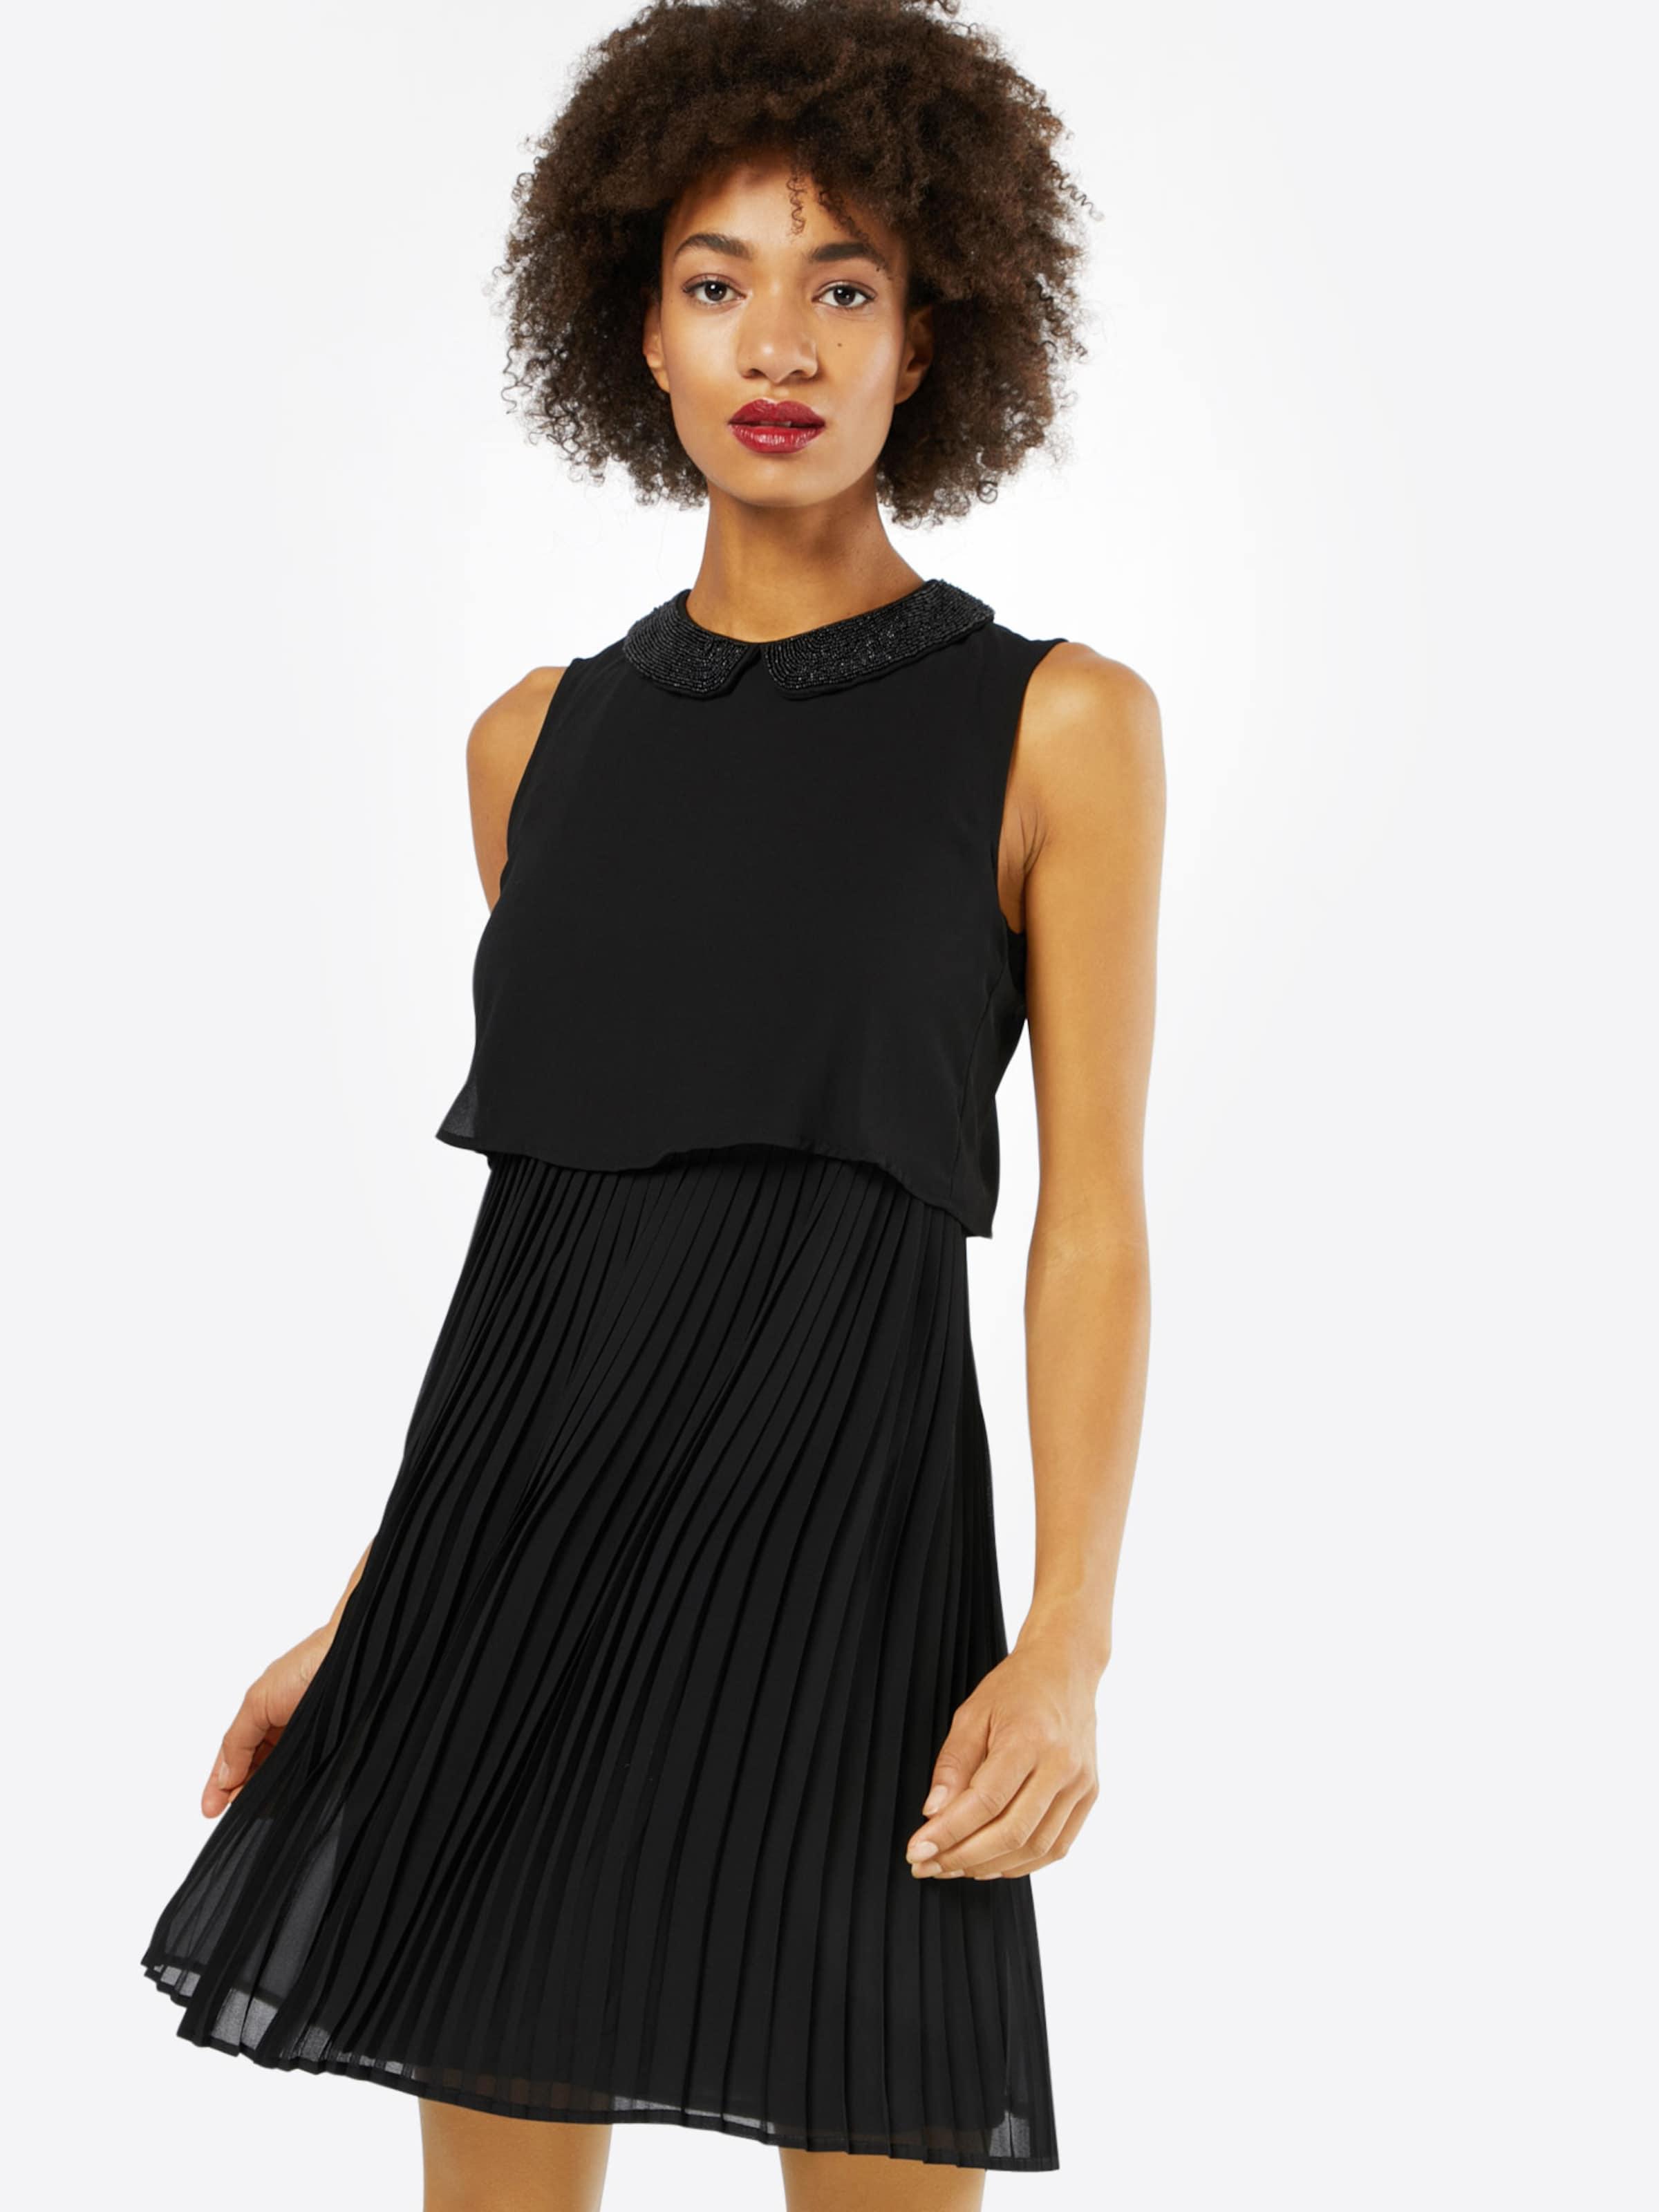 TOM TAILOR DENIM Kleid 'Double Layer' Kauf Zum Verkauf fQ3HqRmxTk